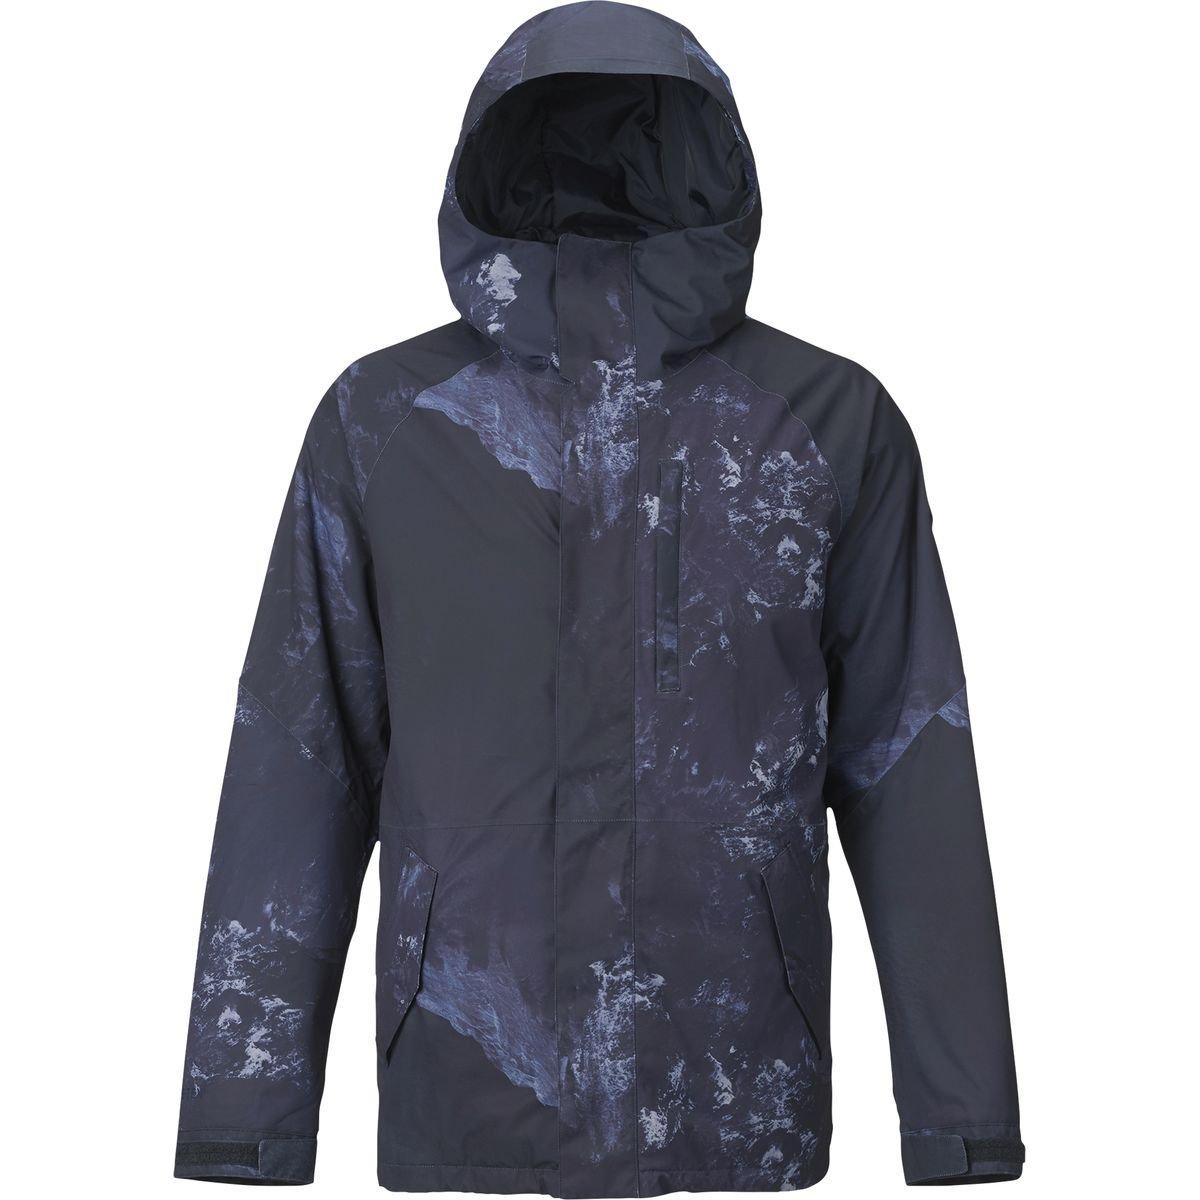 (バートン) Burton Radial Gore-Tex Jacket メンズ ジャケットNix Olympica [並行輸入品] B075K4M9CG  Nix Olympica 日本サイズ M (US S)